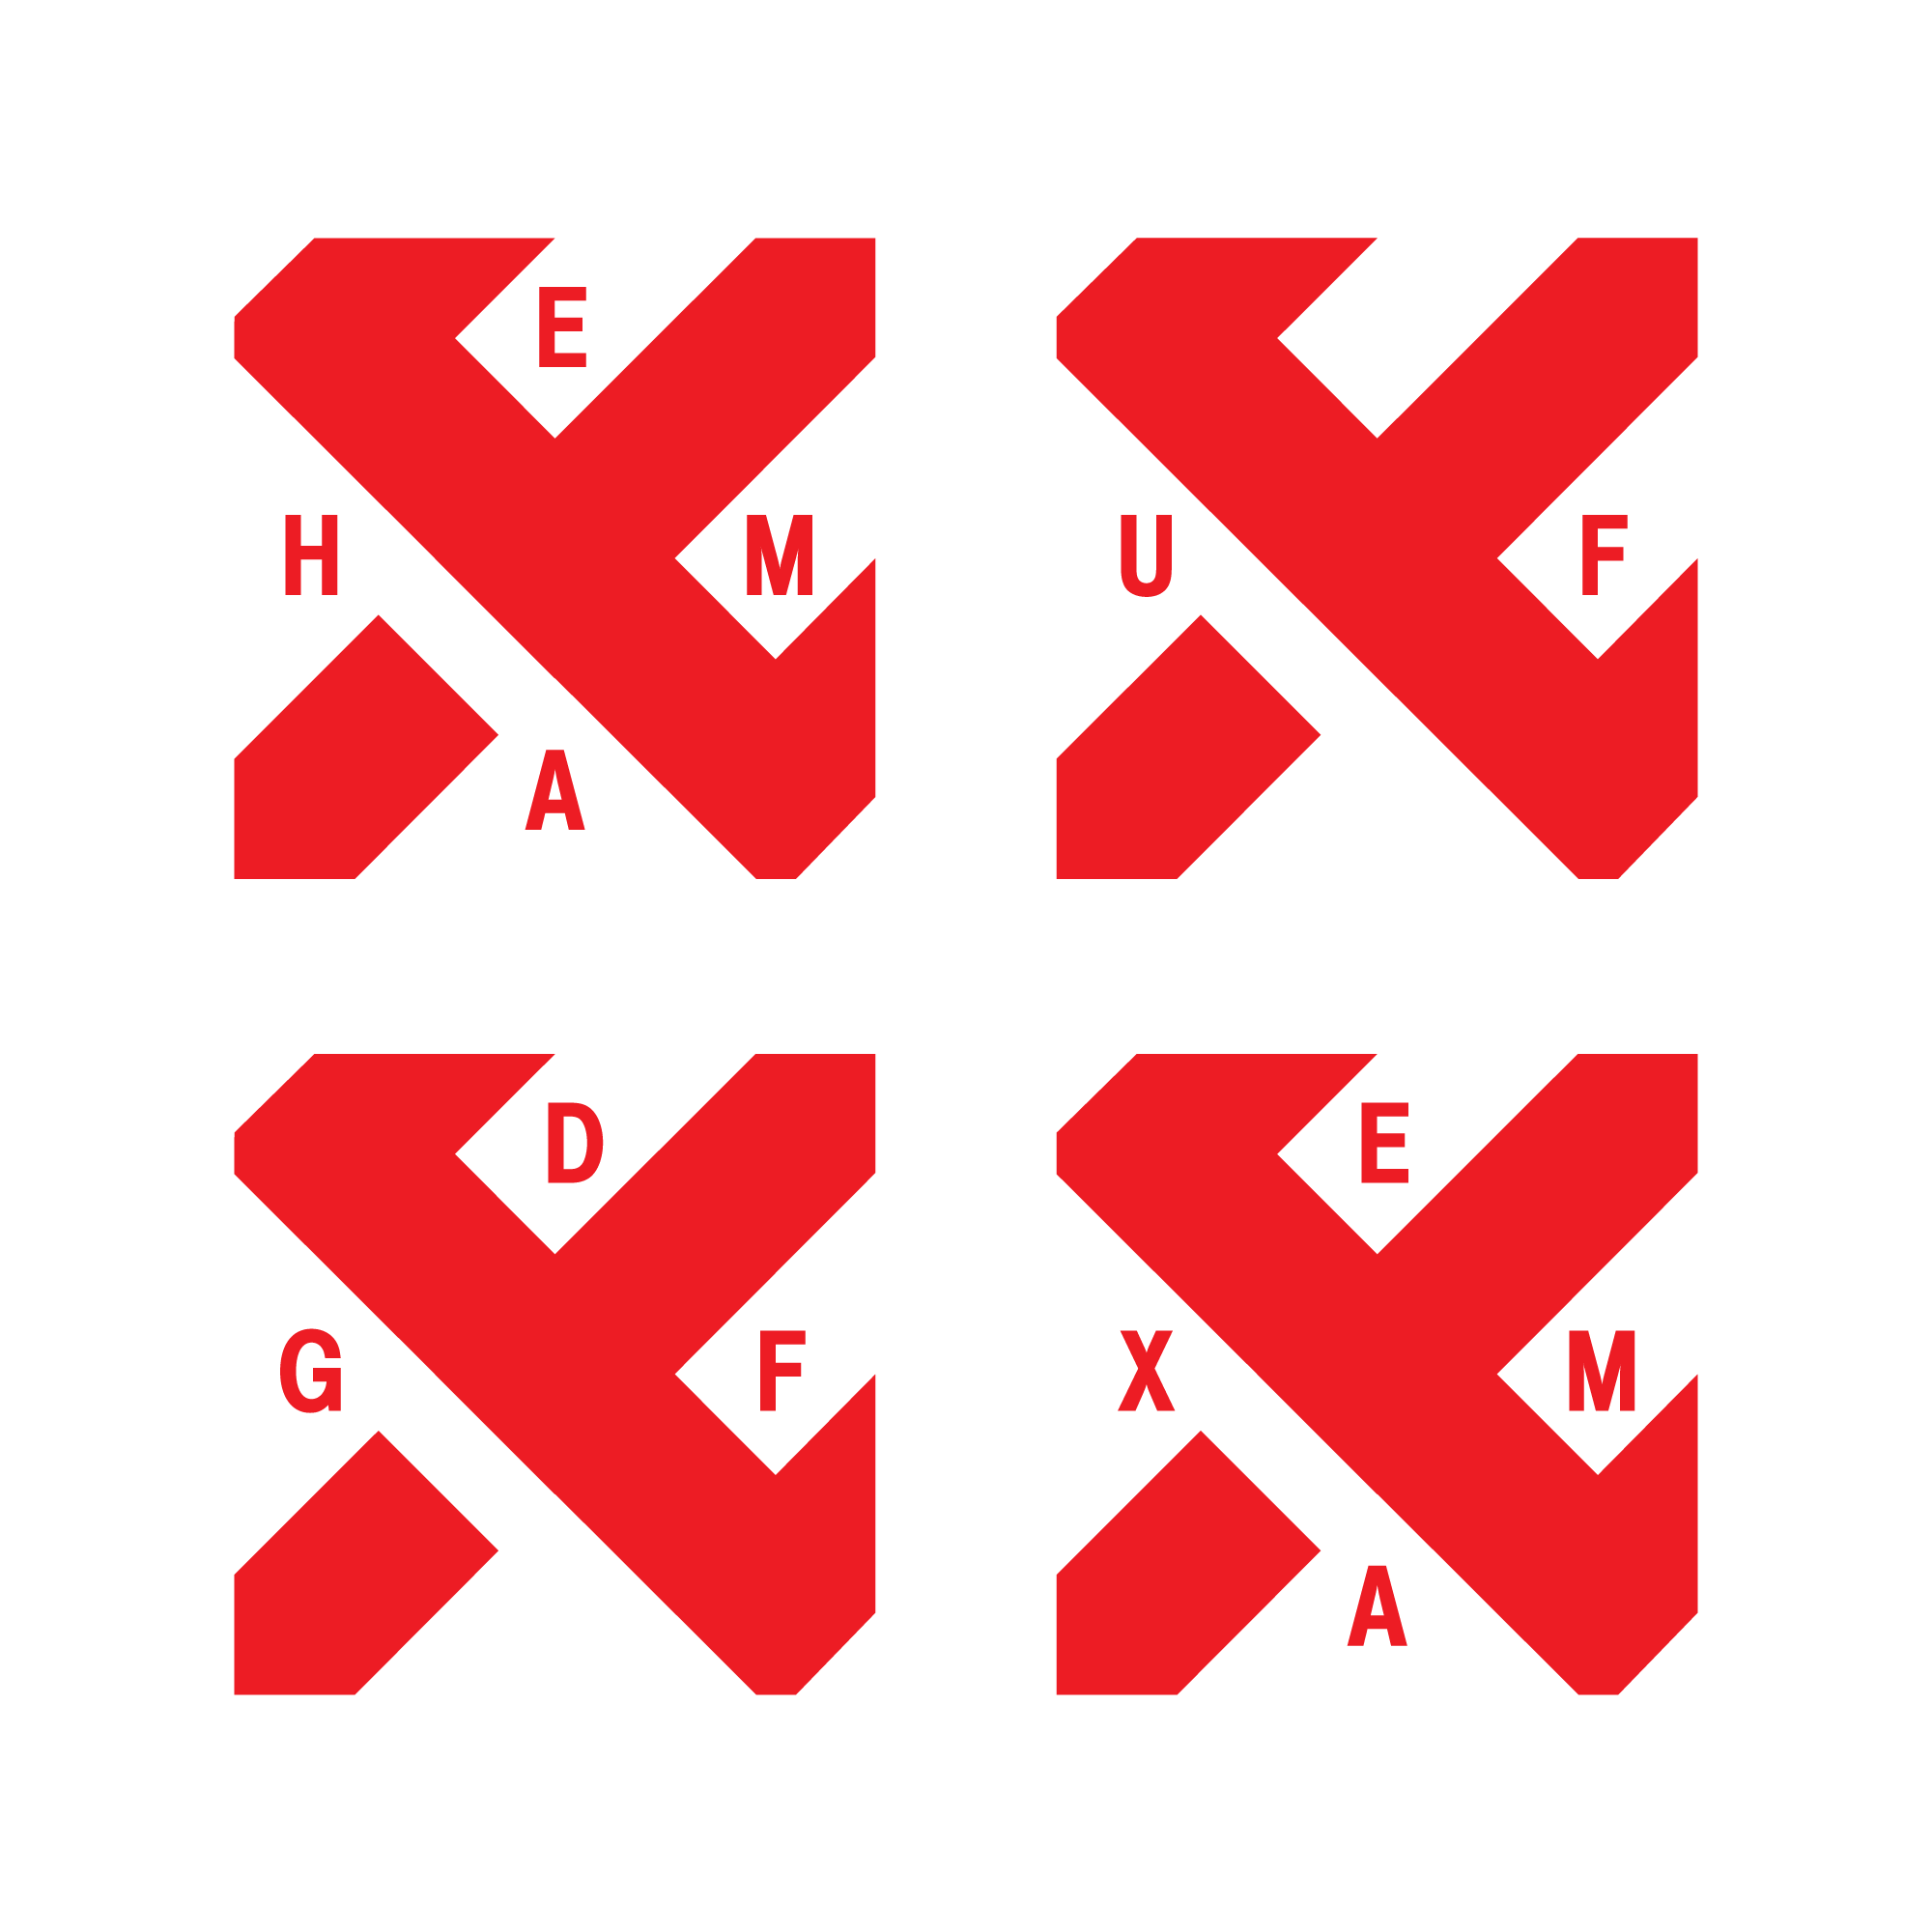 Для зручності застосування, окрім вертикальної та горизонтальної версії була розроблена емблема, для використавння на квадратних форматах. Вона дає змогу залишити знак сталим і в одночас змінювати наповнення літерами відповідно до потреб і змісту.